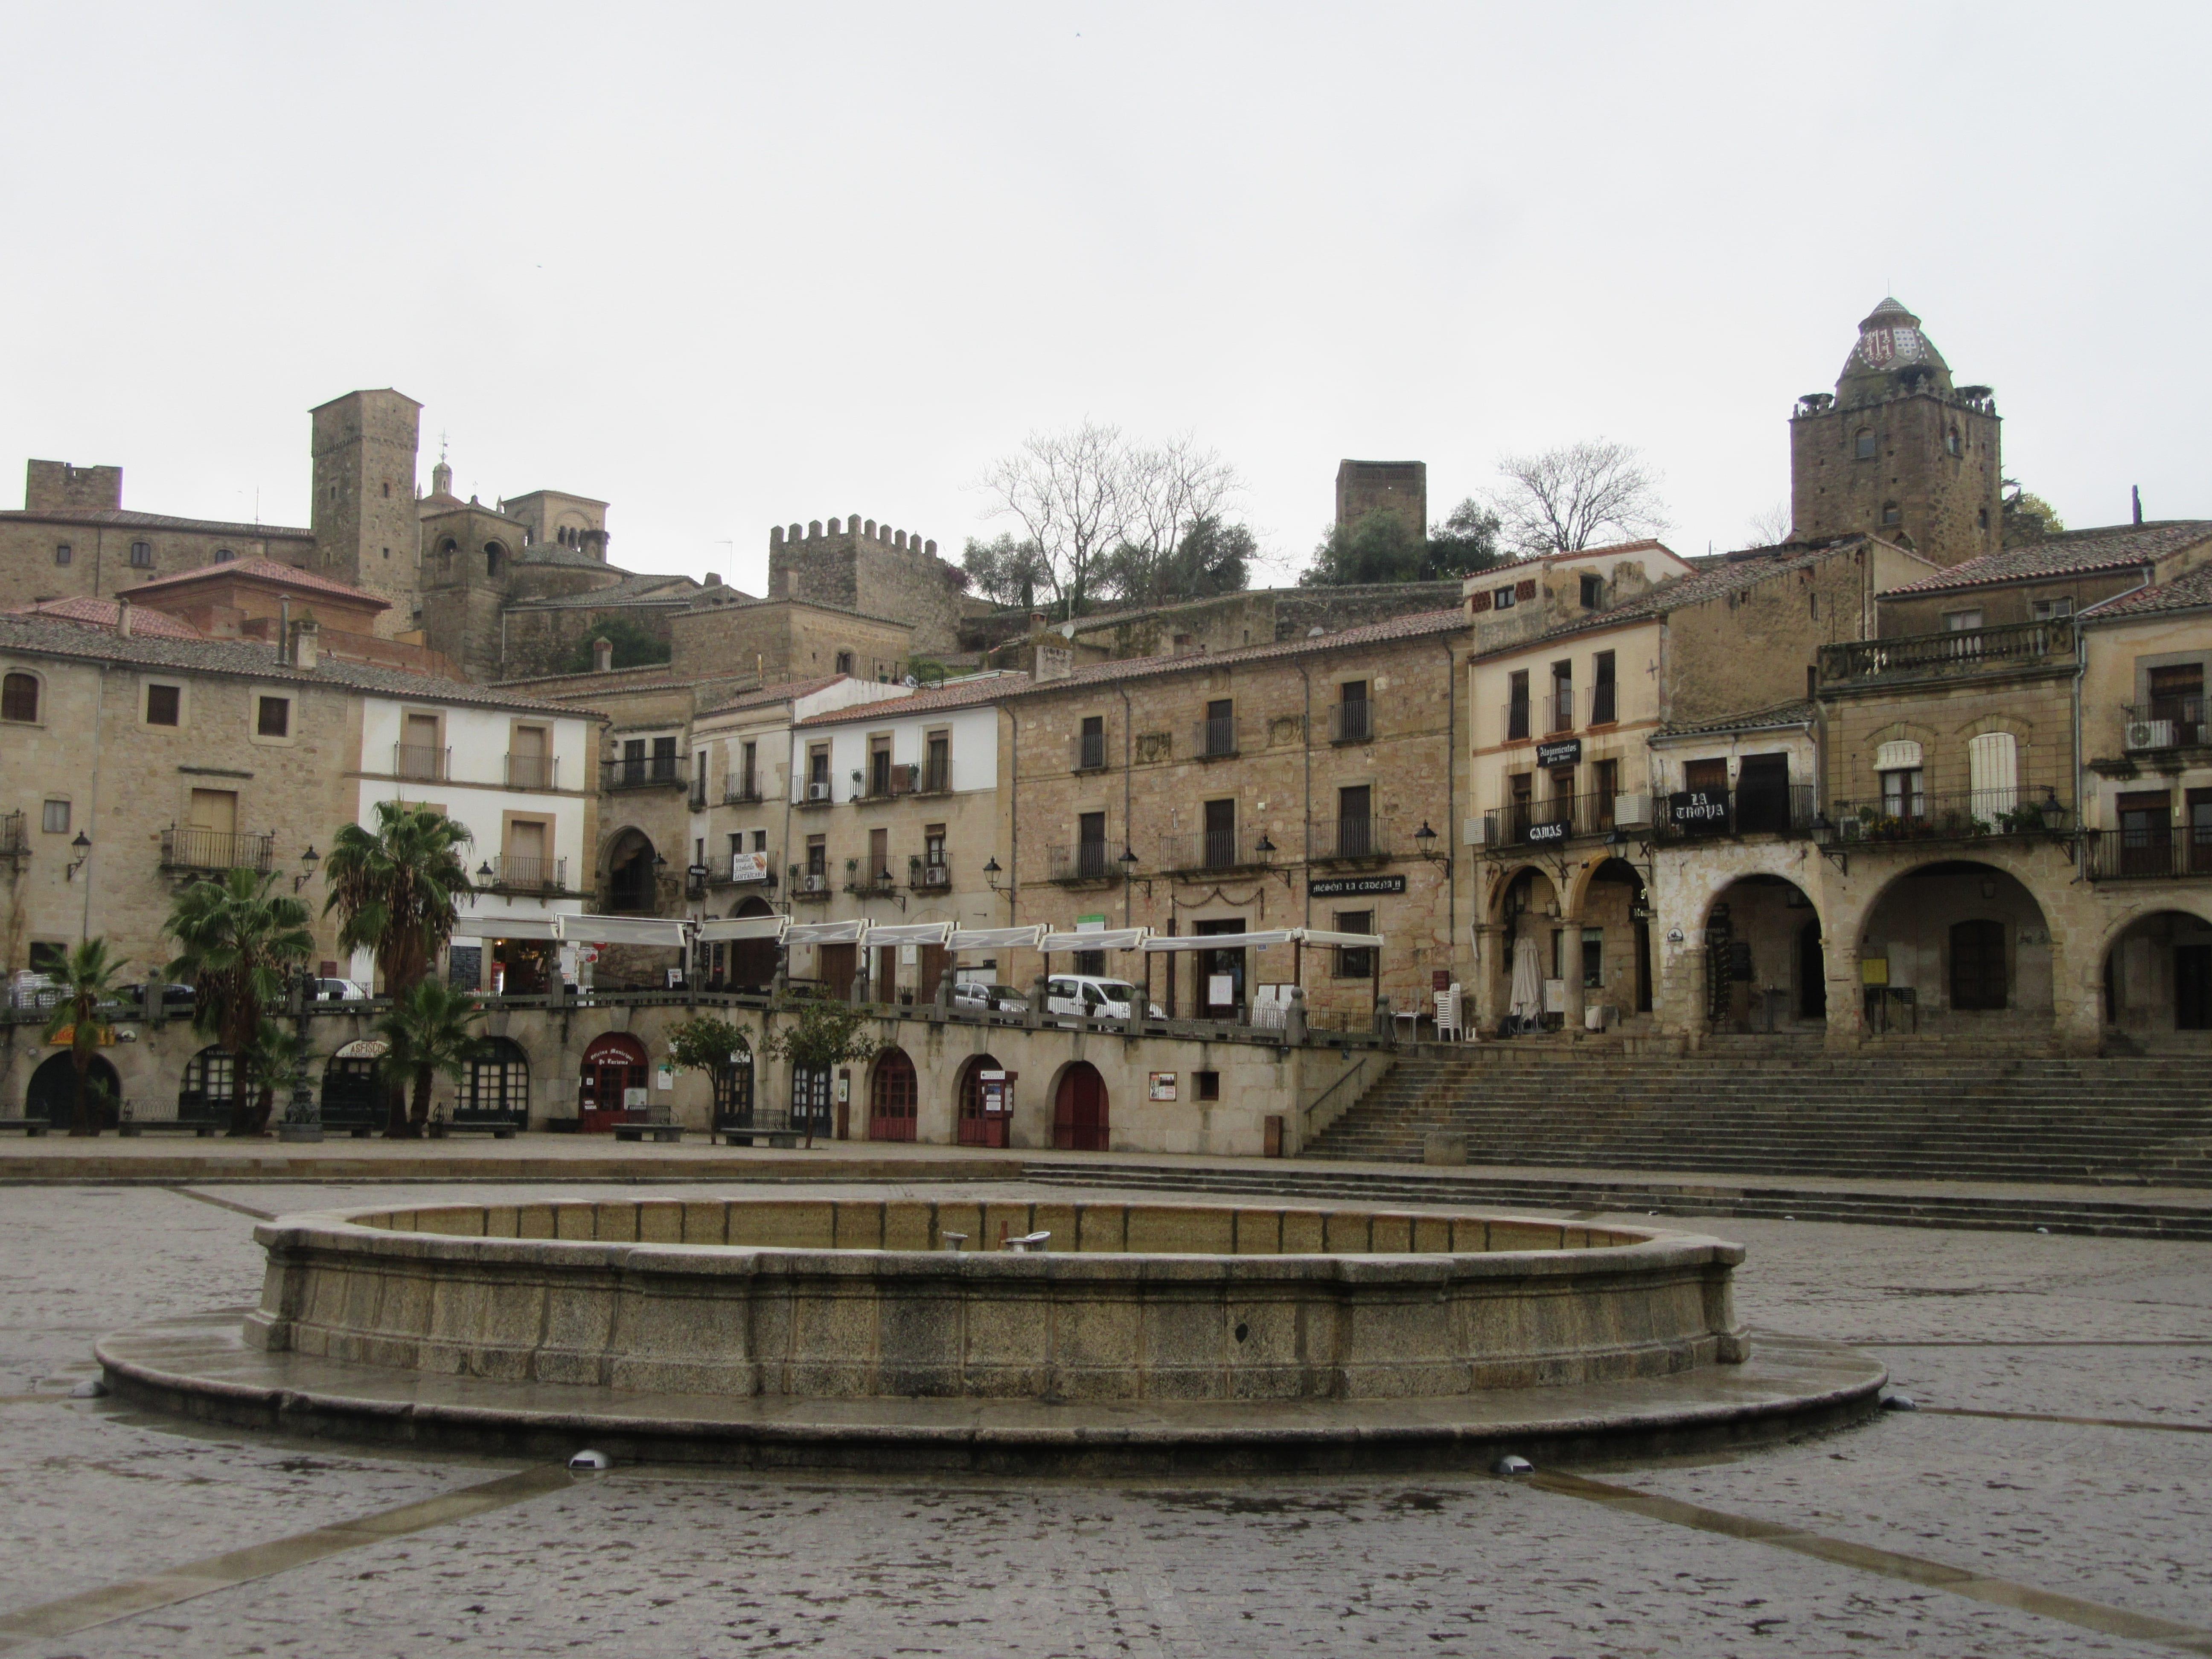 la ville de Trujillo en Estremadure en Espagne